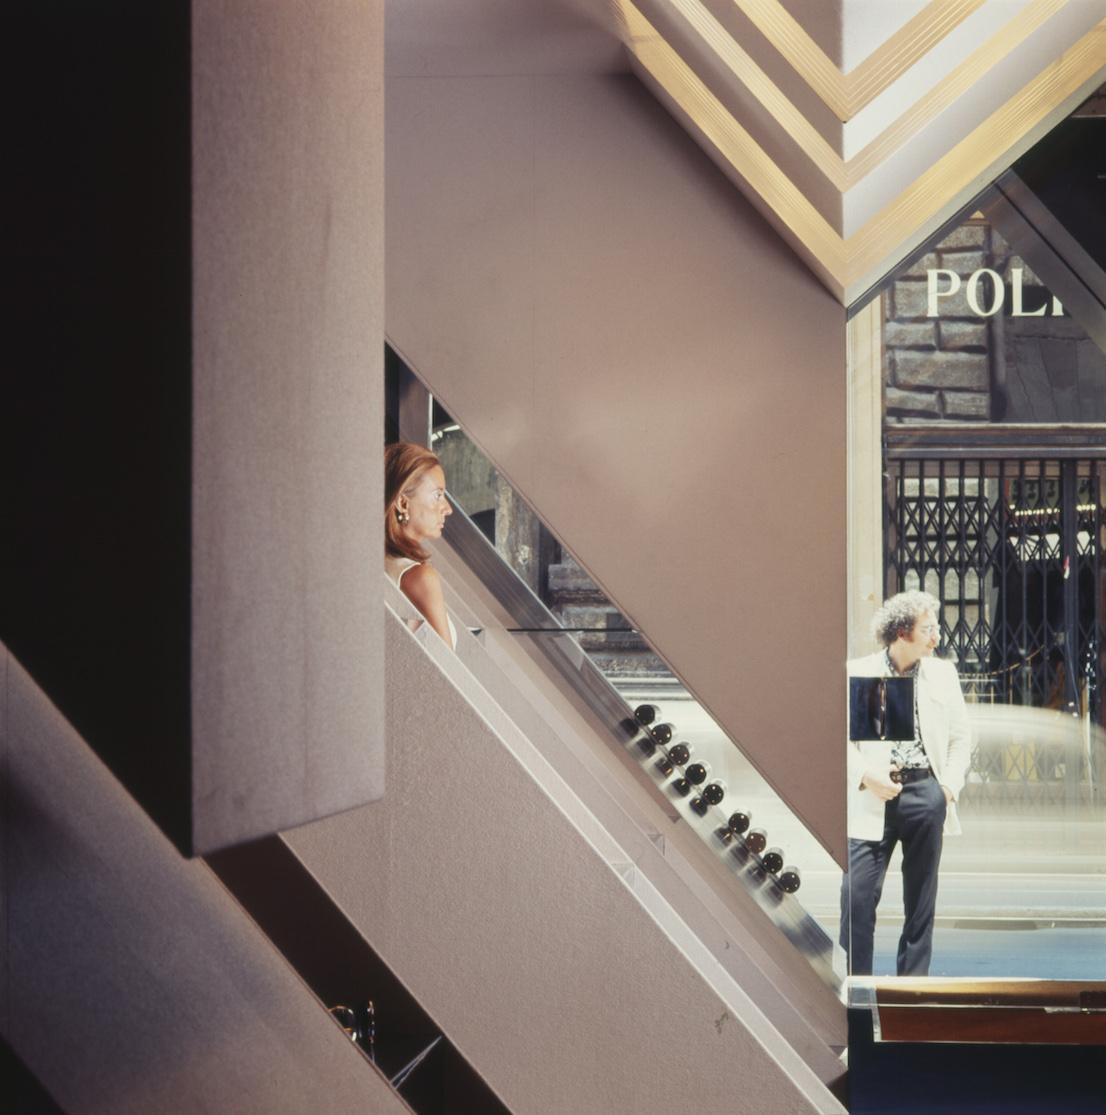 Mila Schon store in Rome designed by Ugo la Pietra 1973 via www.fashionedbylove.co.uk